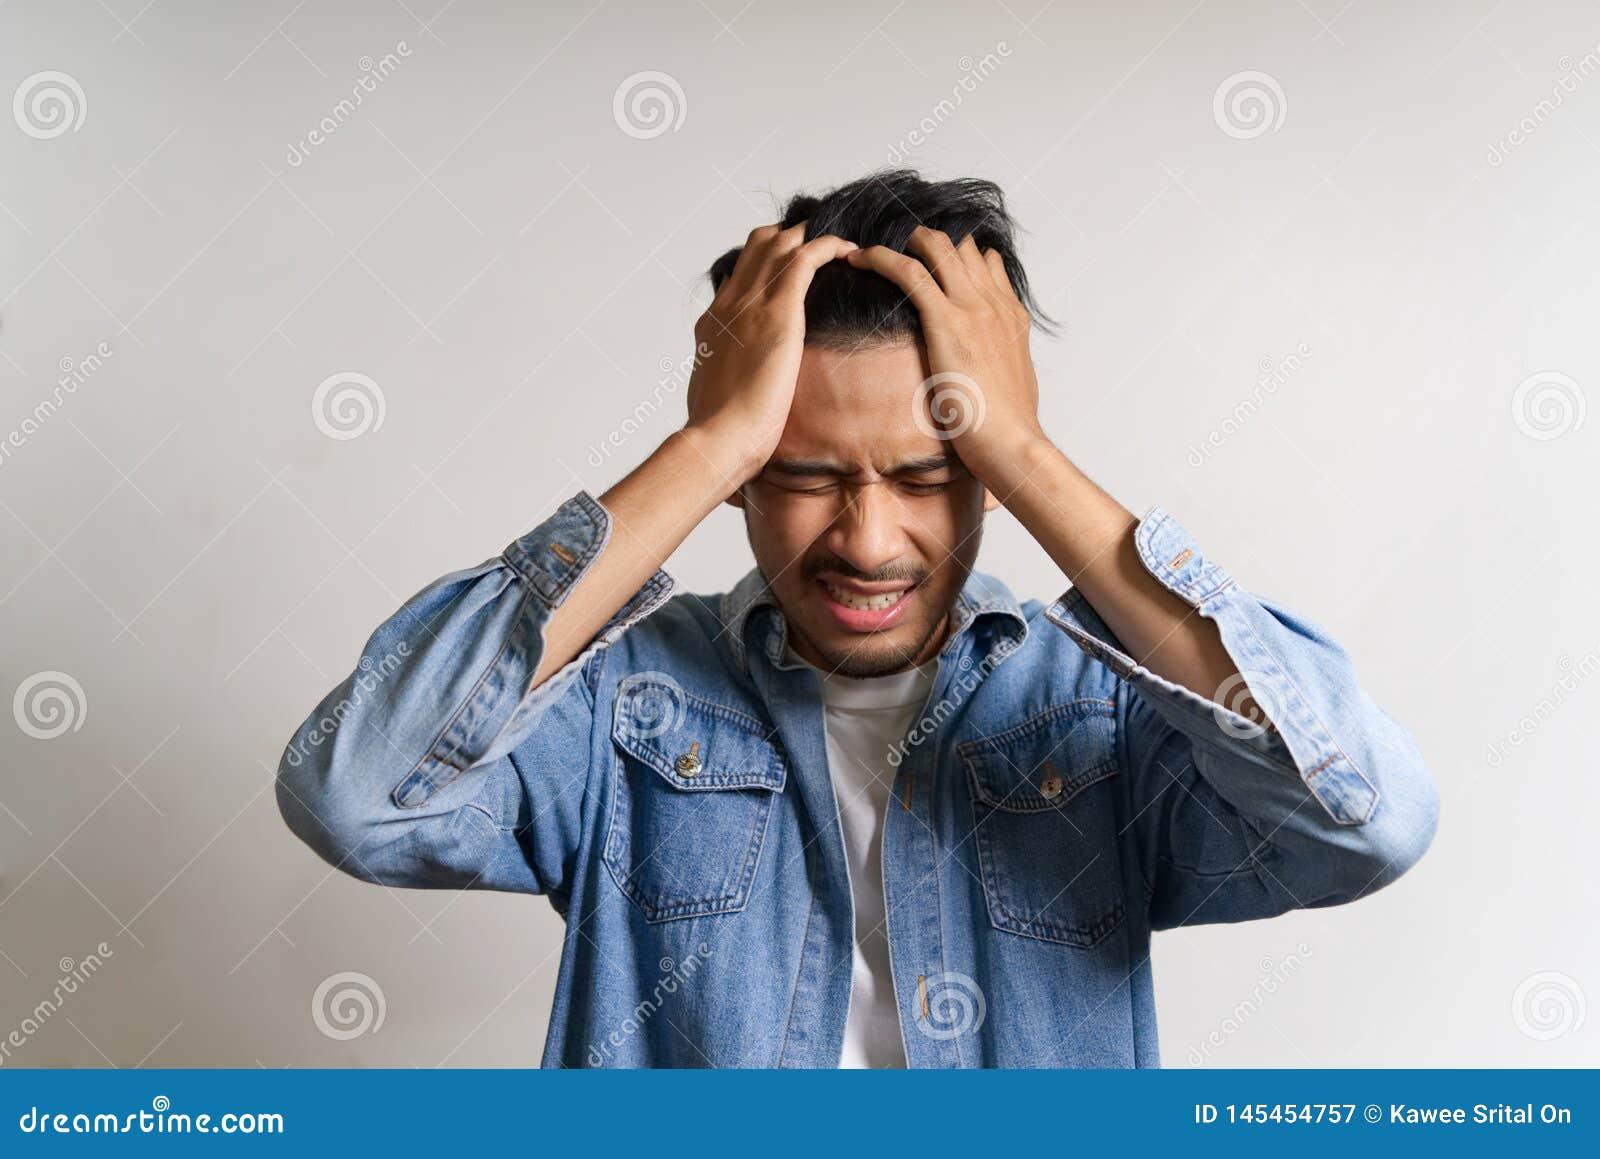 El hombre asiático joven puso las manos a su cabeza Él enfermo de sensación y dolor de cabeza debido a tener algunos problemas